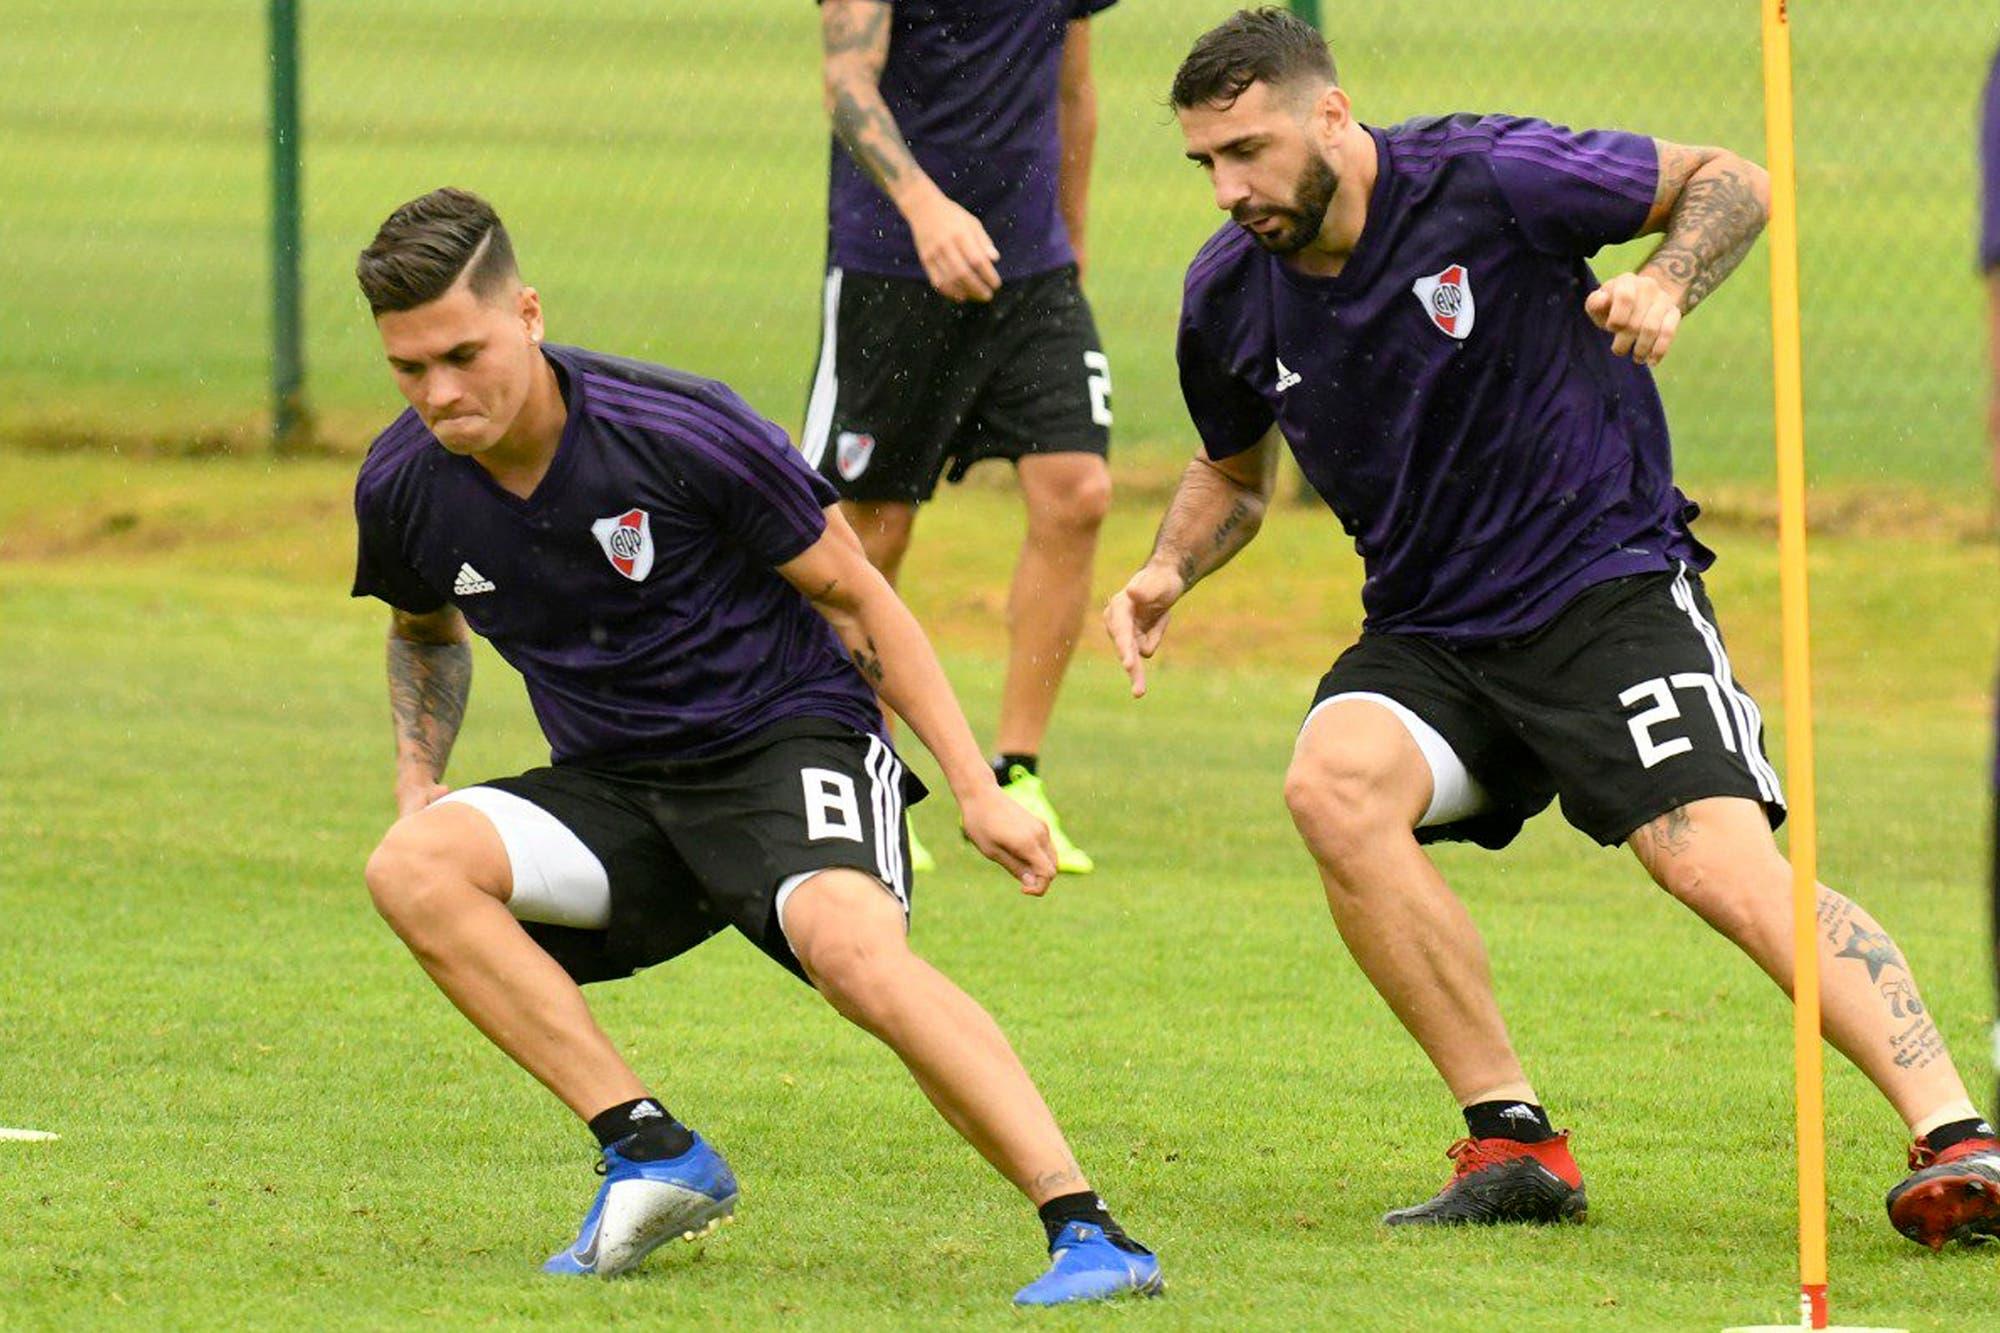 El estreno en la pretemporada: River viaja a Uruguay sin tres jugadores clave